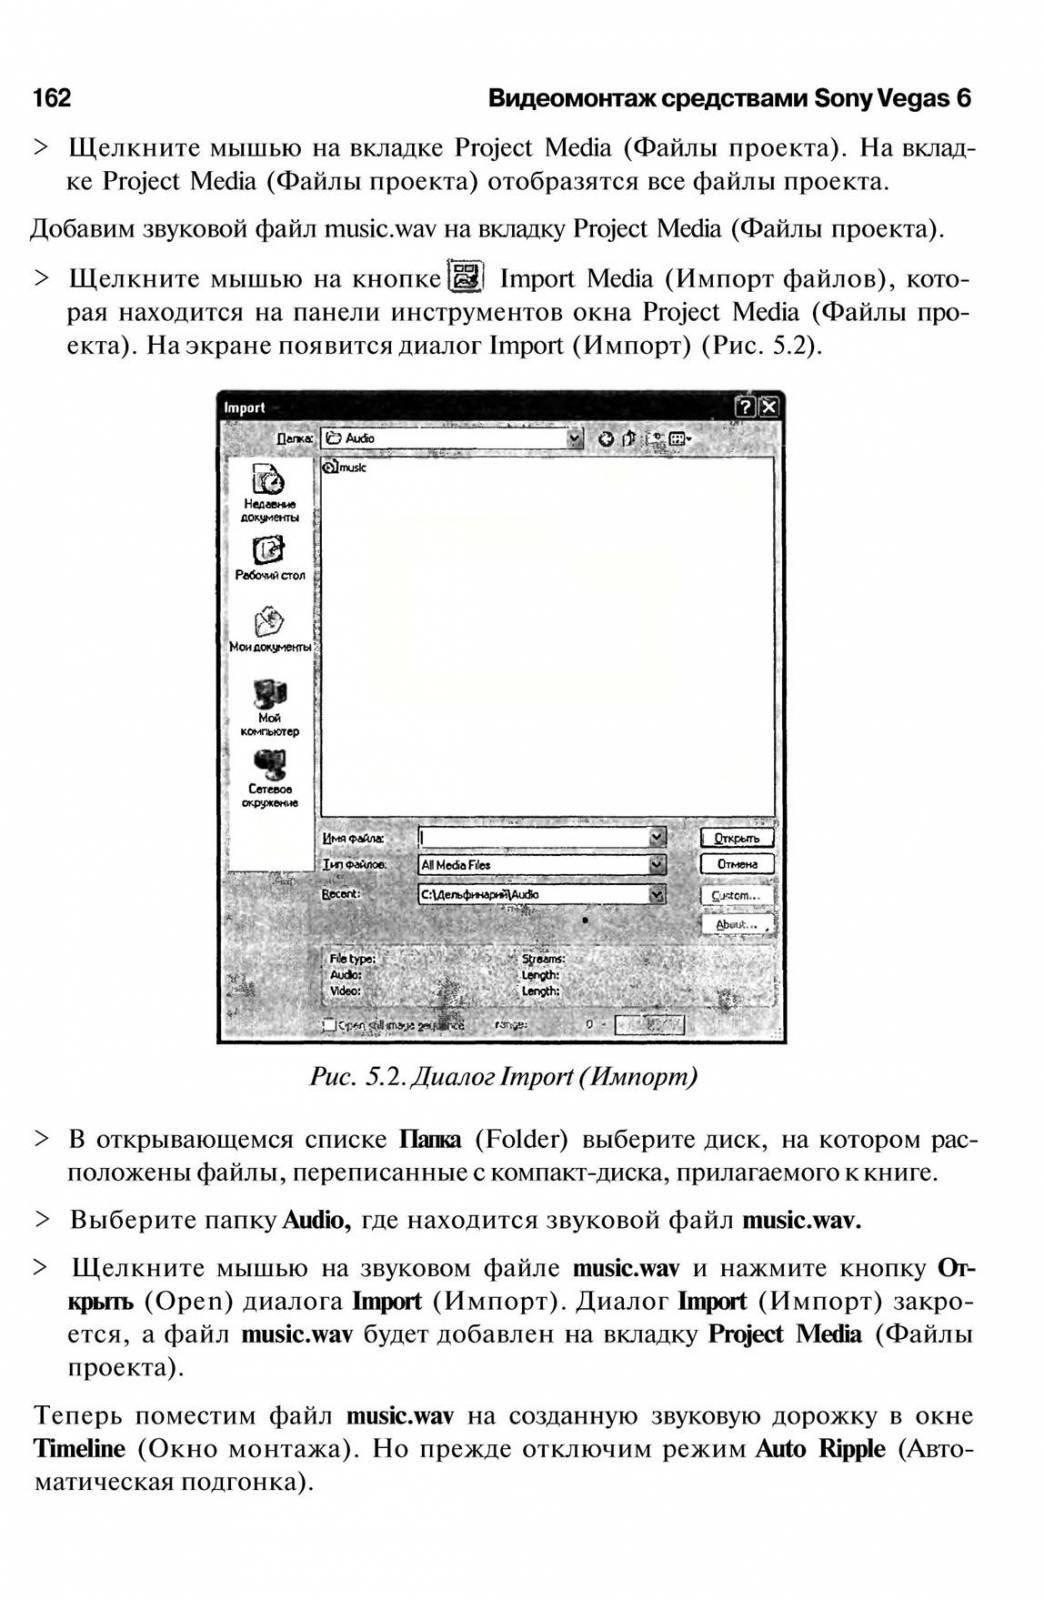 http://redaktori-uroki.3dn.ru/_ph/6/933253684.jpg